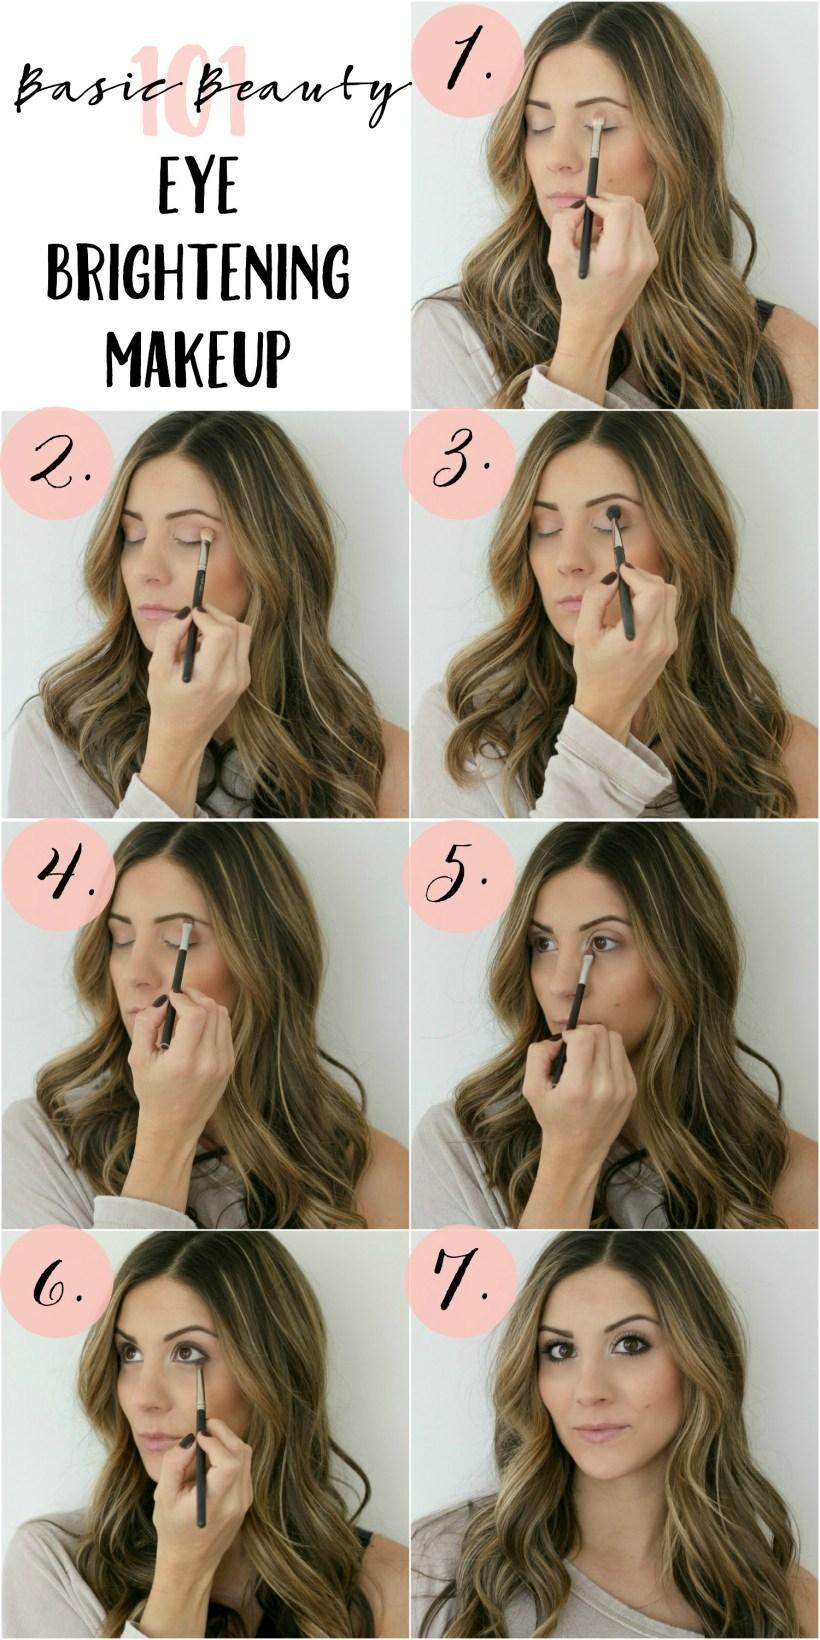 Eye Brightening Makeup Tutorial - Lauren McBride